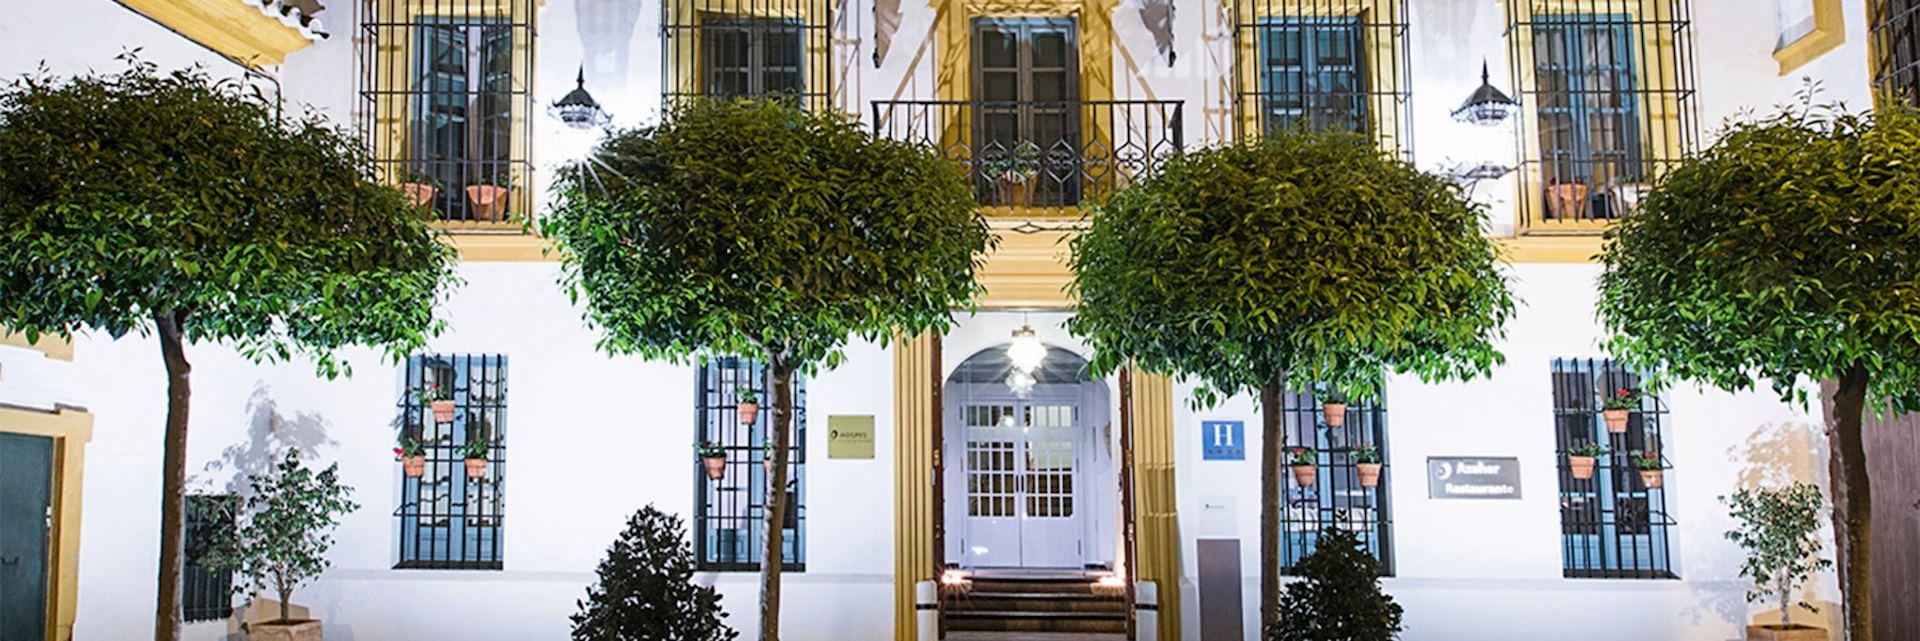 Hospes Las Casas Del Rey De Baeza